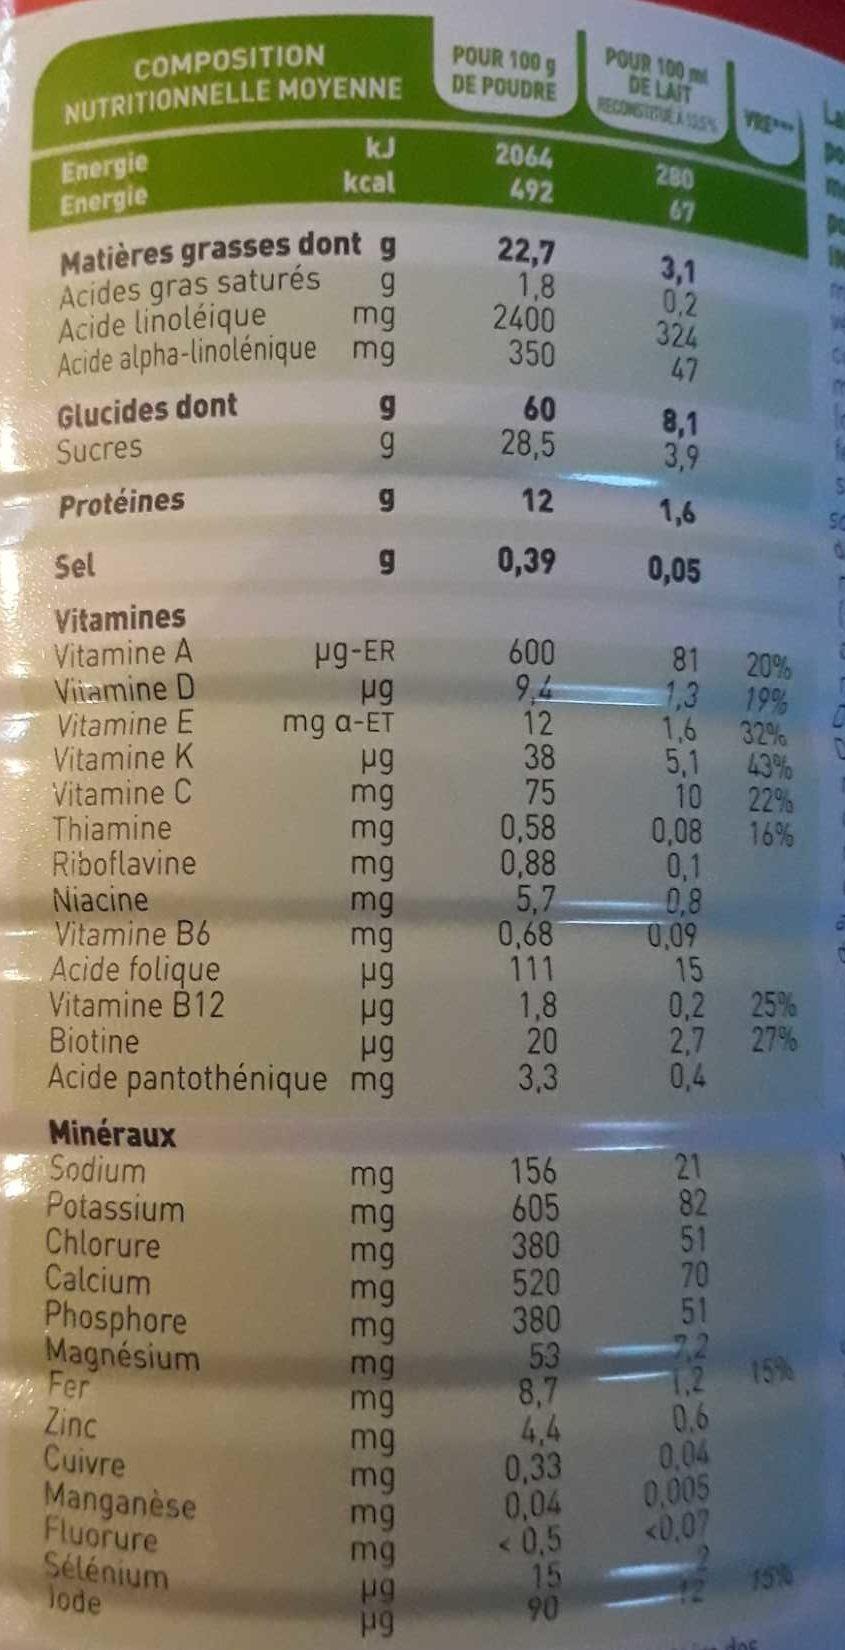 croissance 3 - Nutrition facts